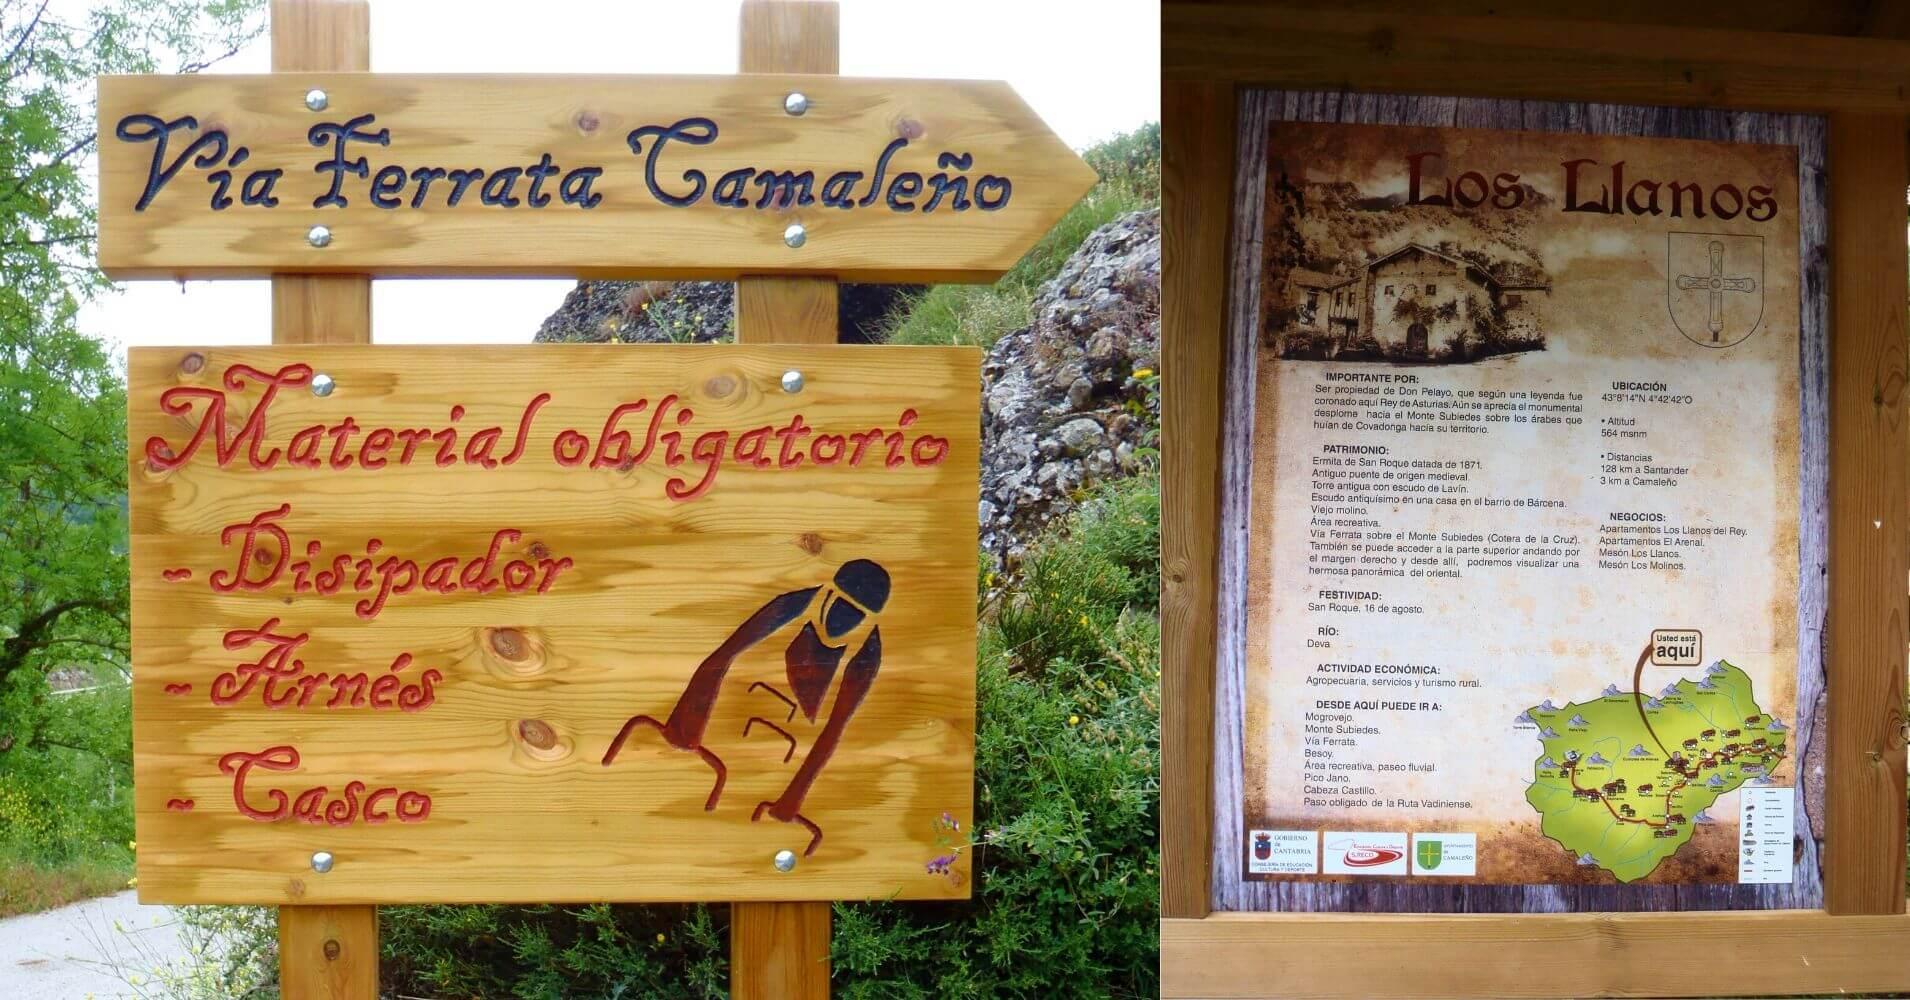 Ferrata de Camaleño. Los Llanos, Picos de Europa. Cantabria.